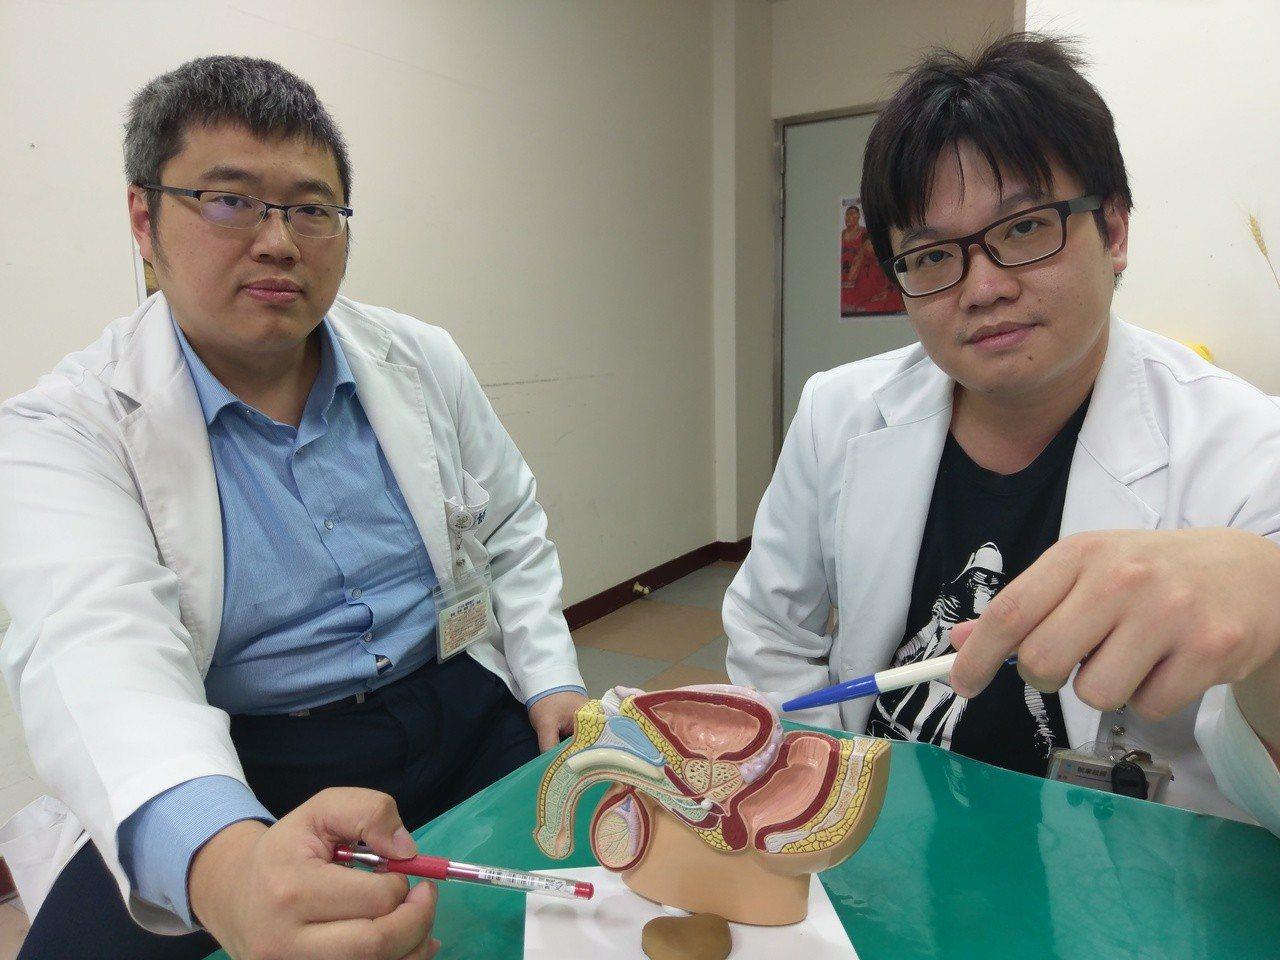 醫師說明老翁膀光掉在陰嚢的位置。圖/衛福部豐原醫院提供